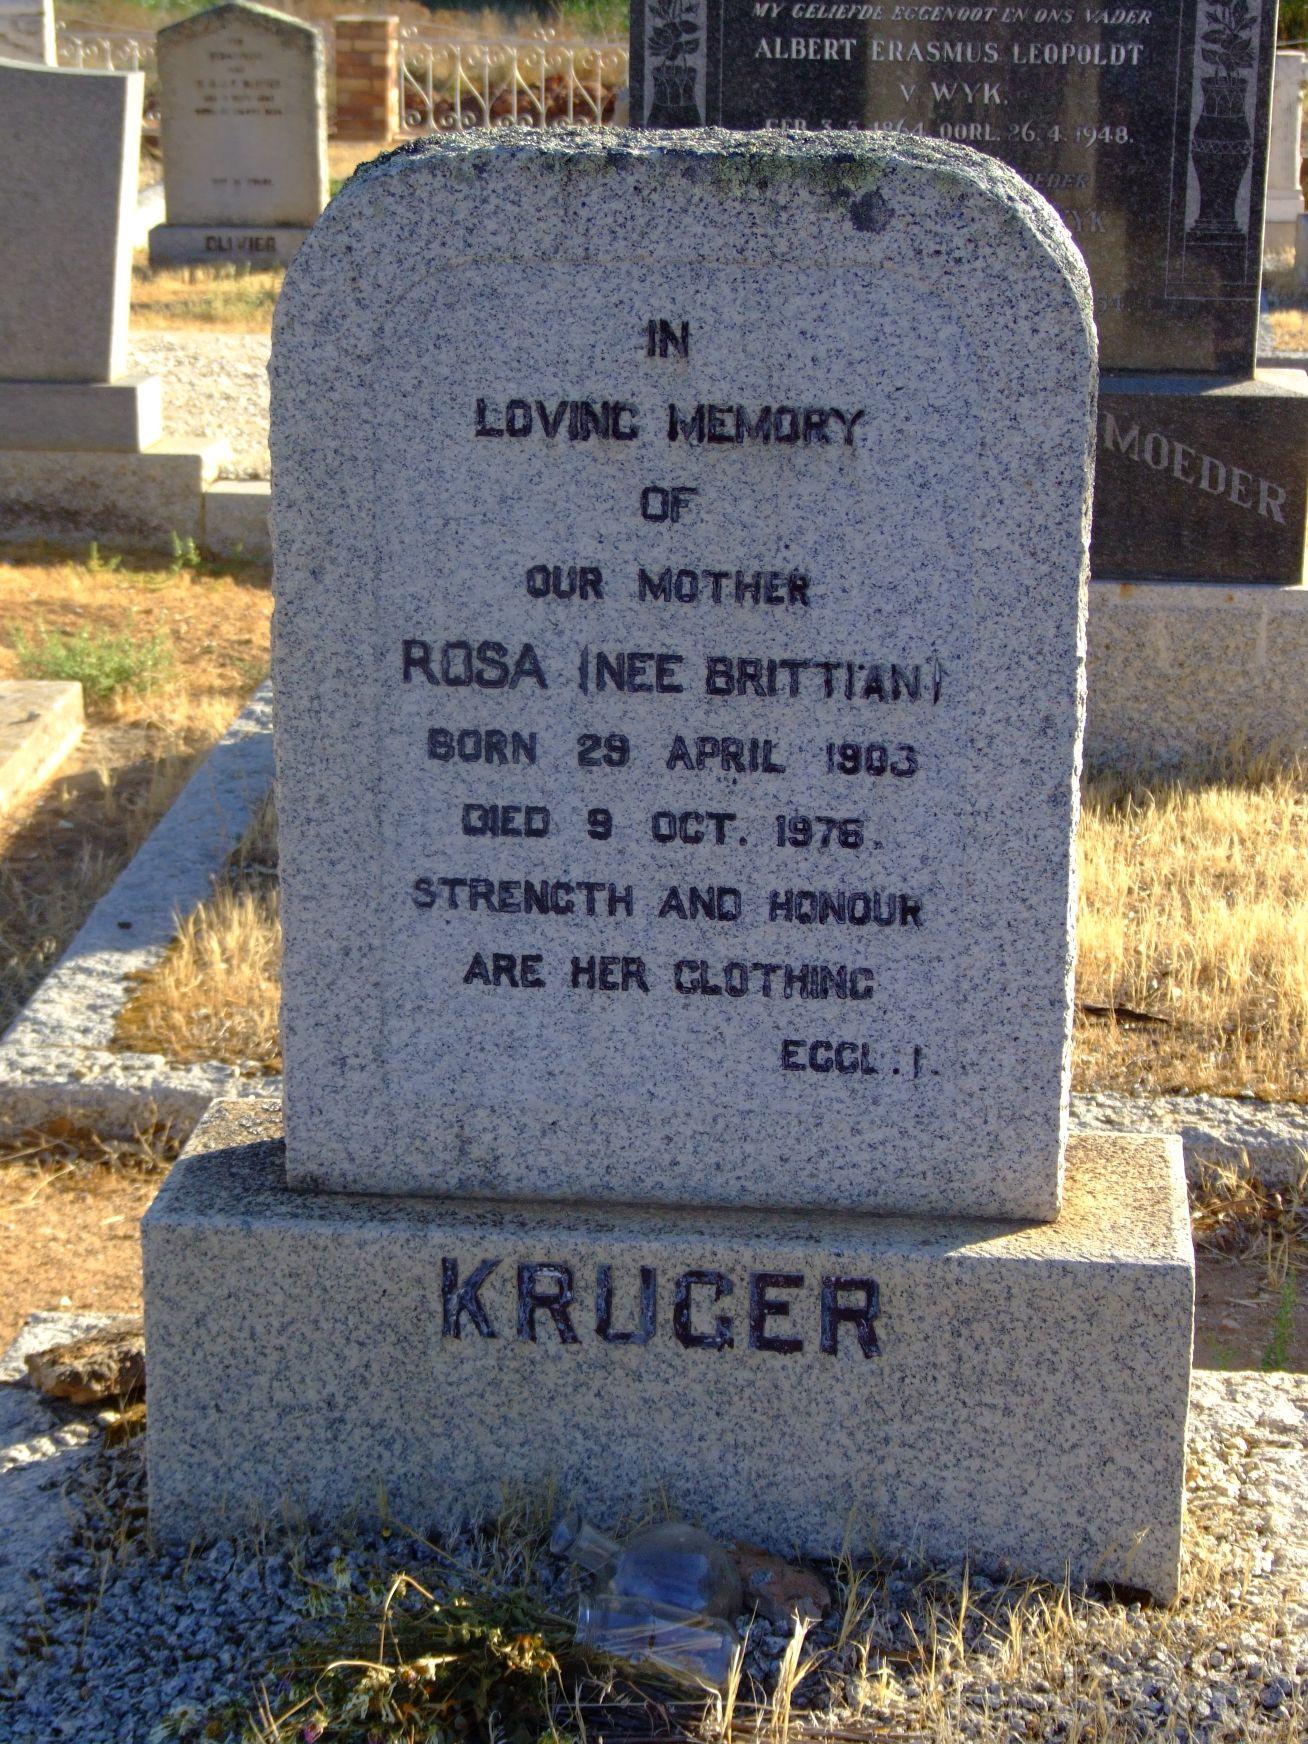 Kruger, Rosa